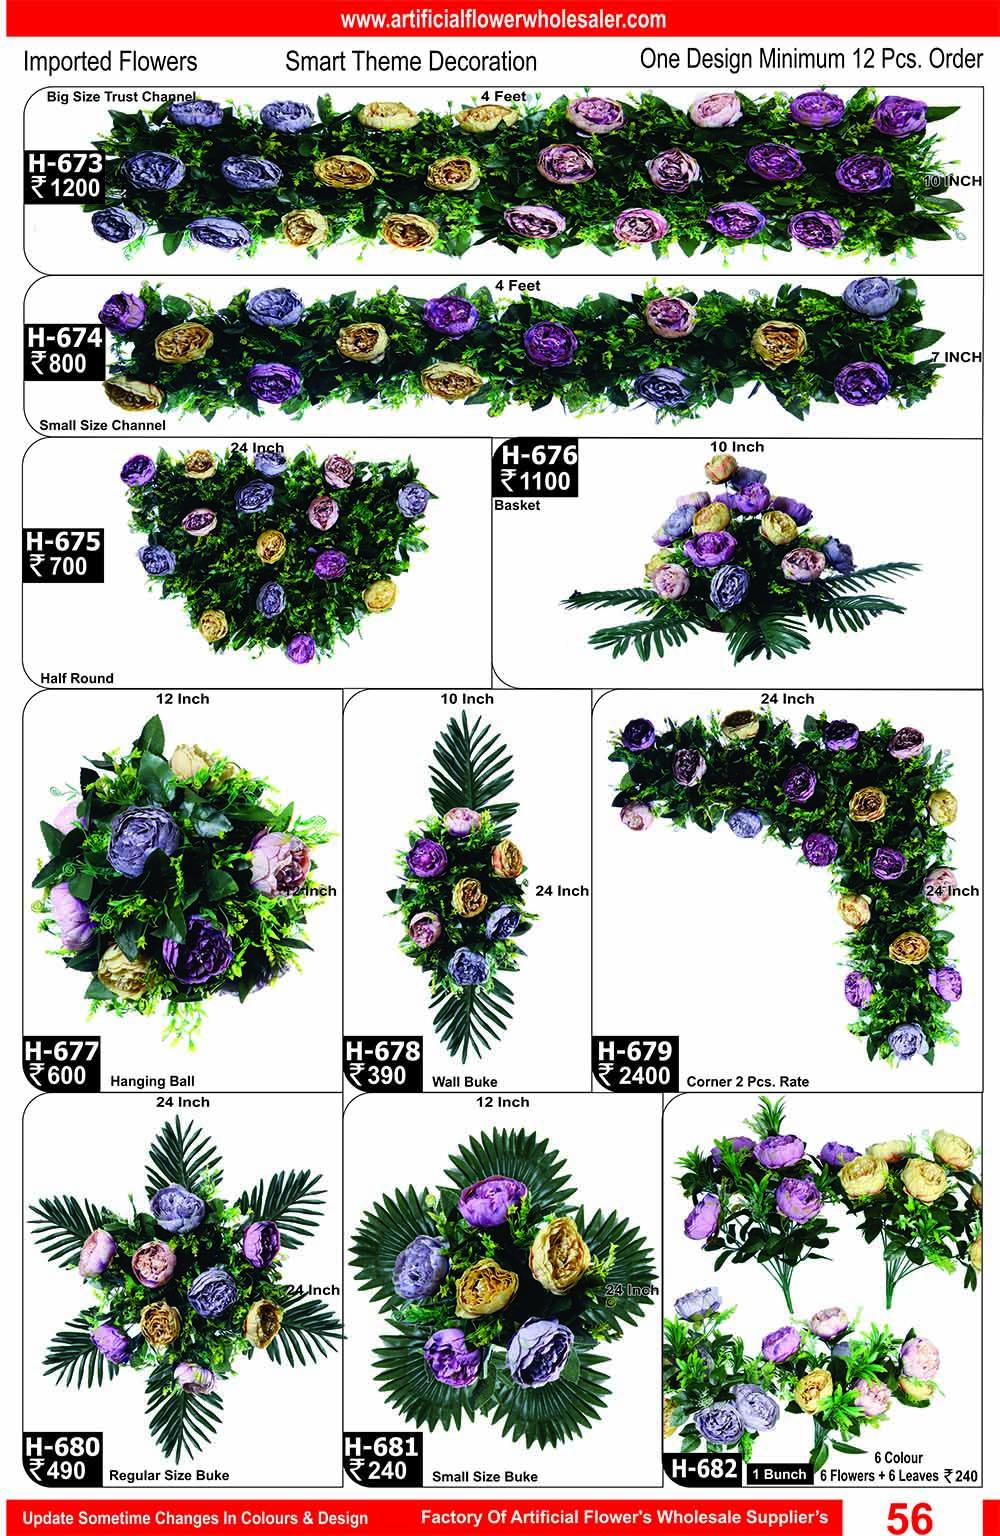 56-artificial-flower-wholesaler